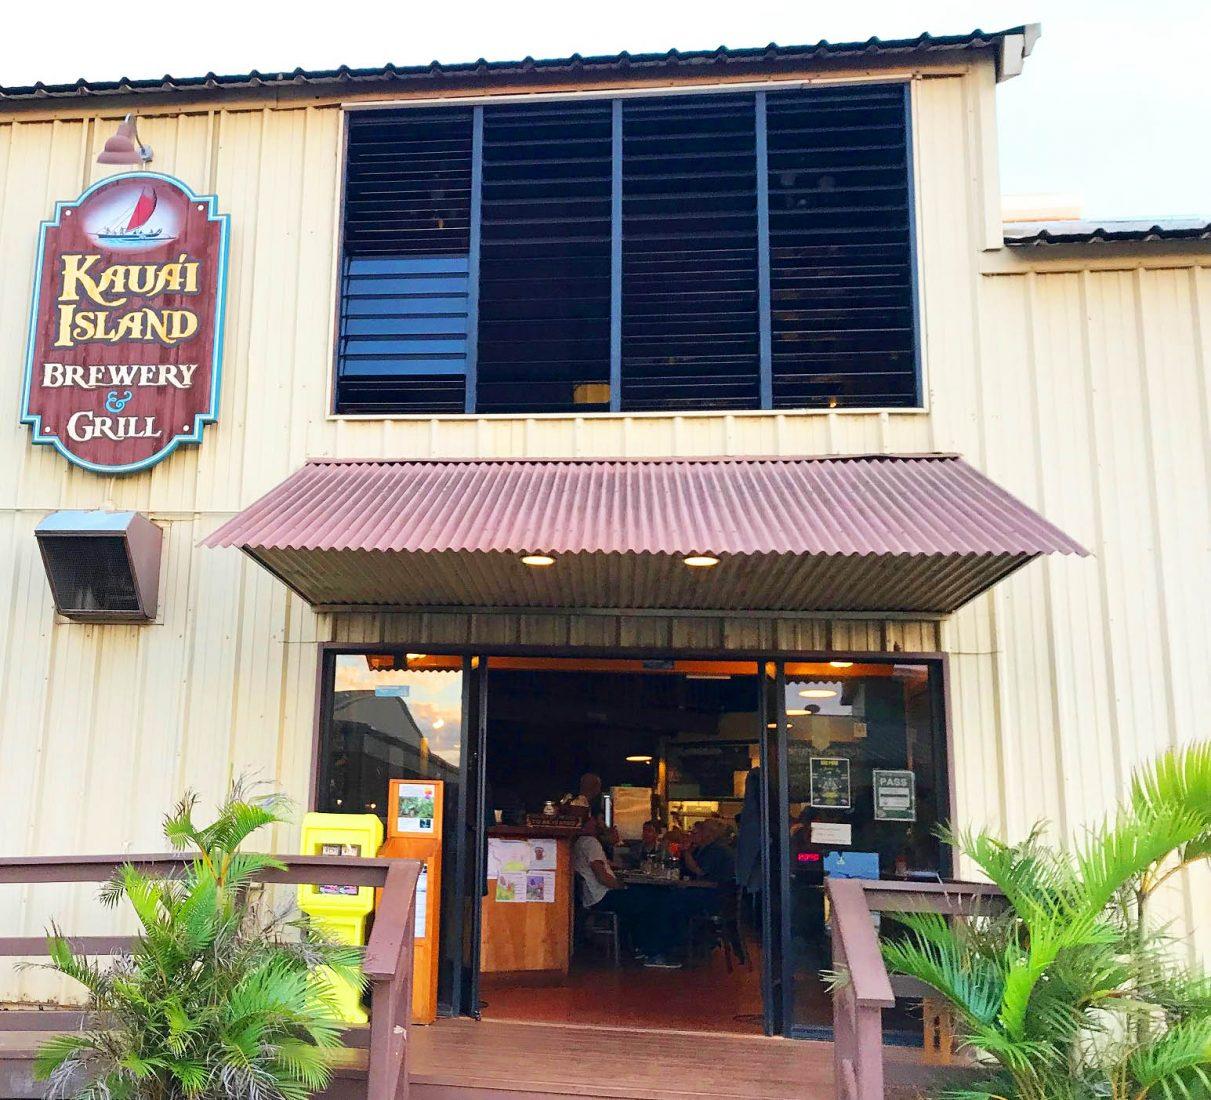 362. Kauai Island Brewing, Kauai HI, 2018